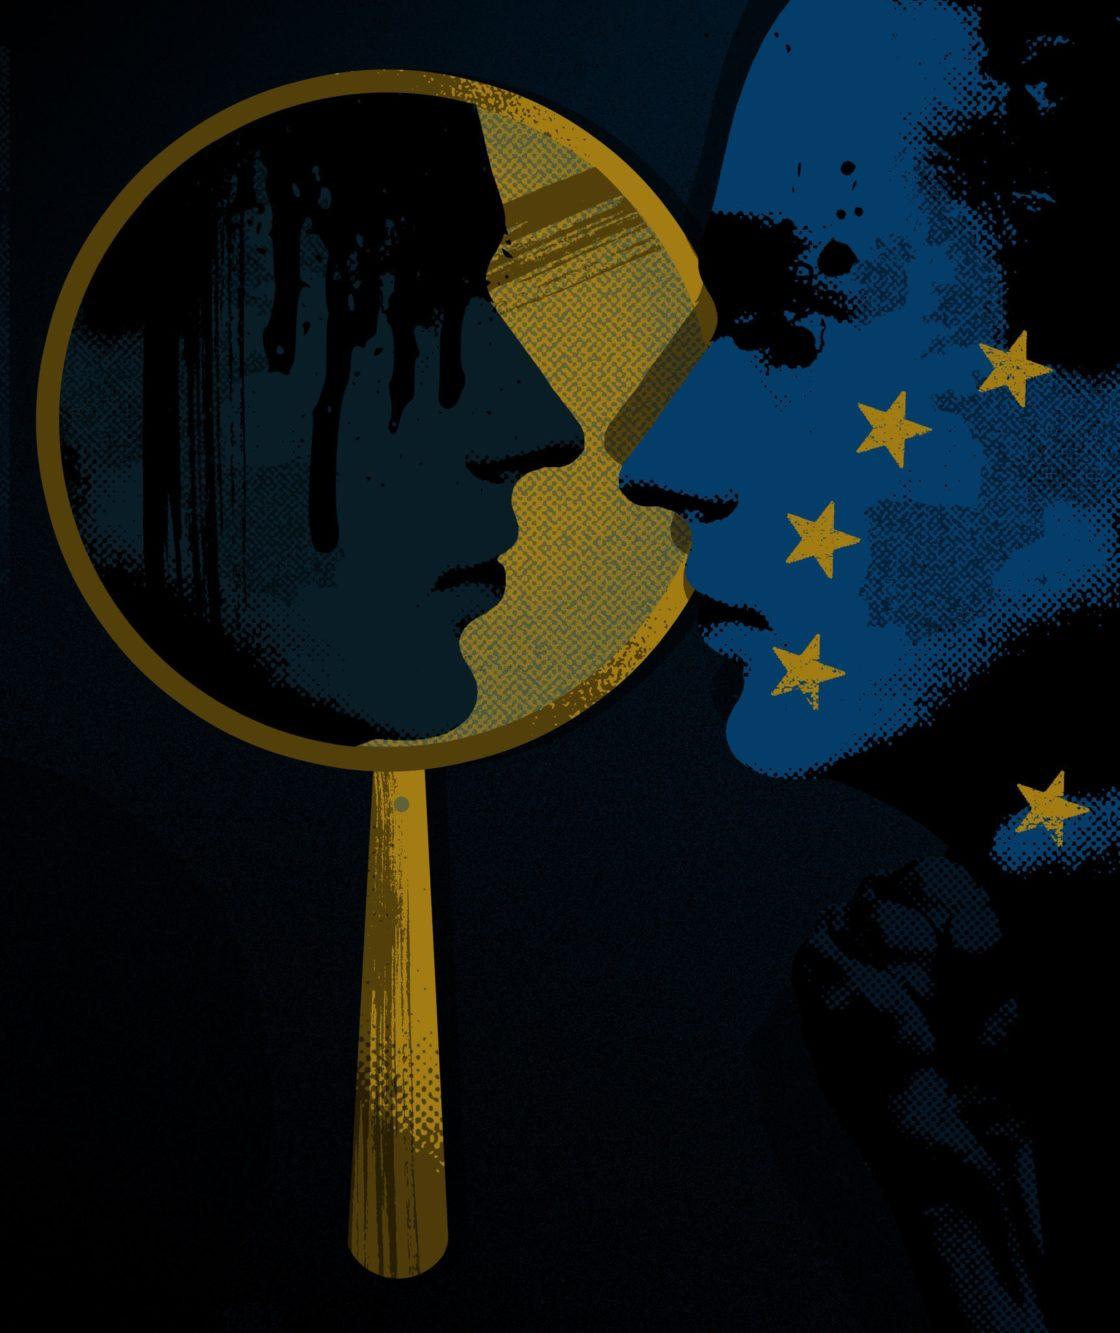 Solidarietà Europea l'abbaglio Pietro Paganini